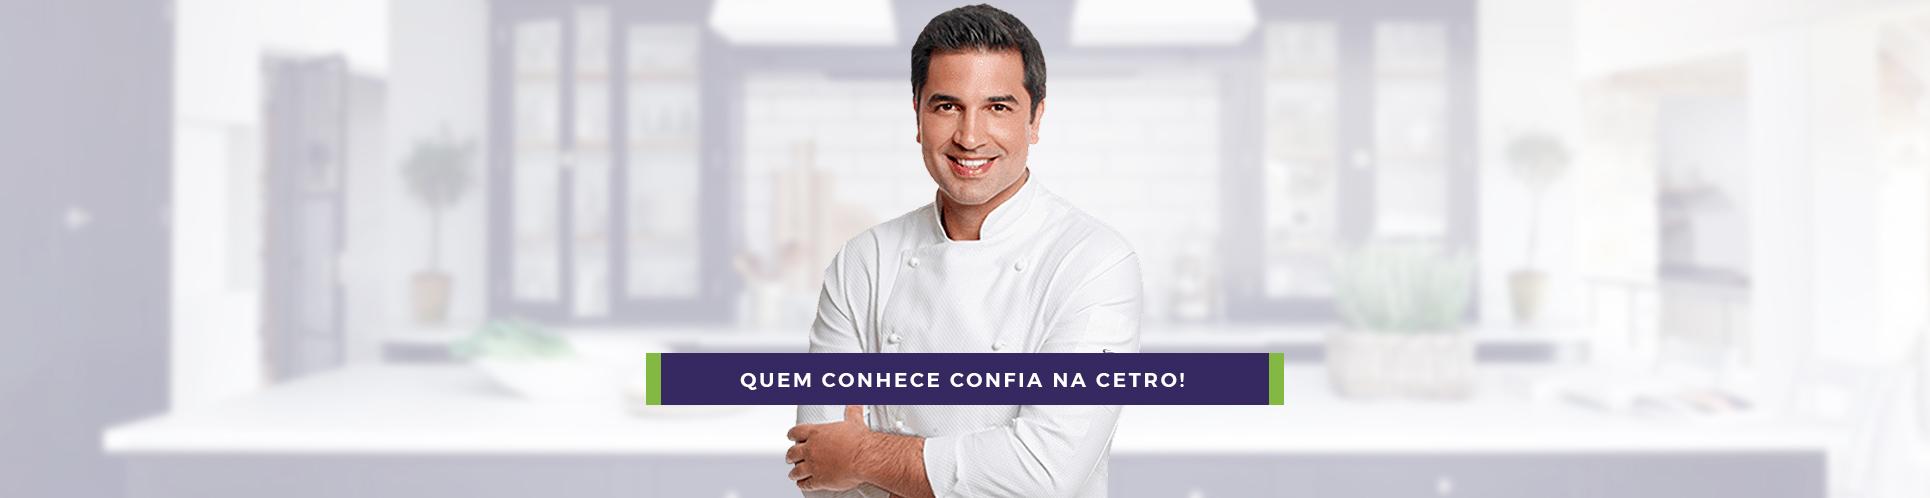 Cetro - Edu Guedes